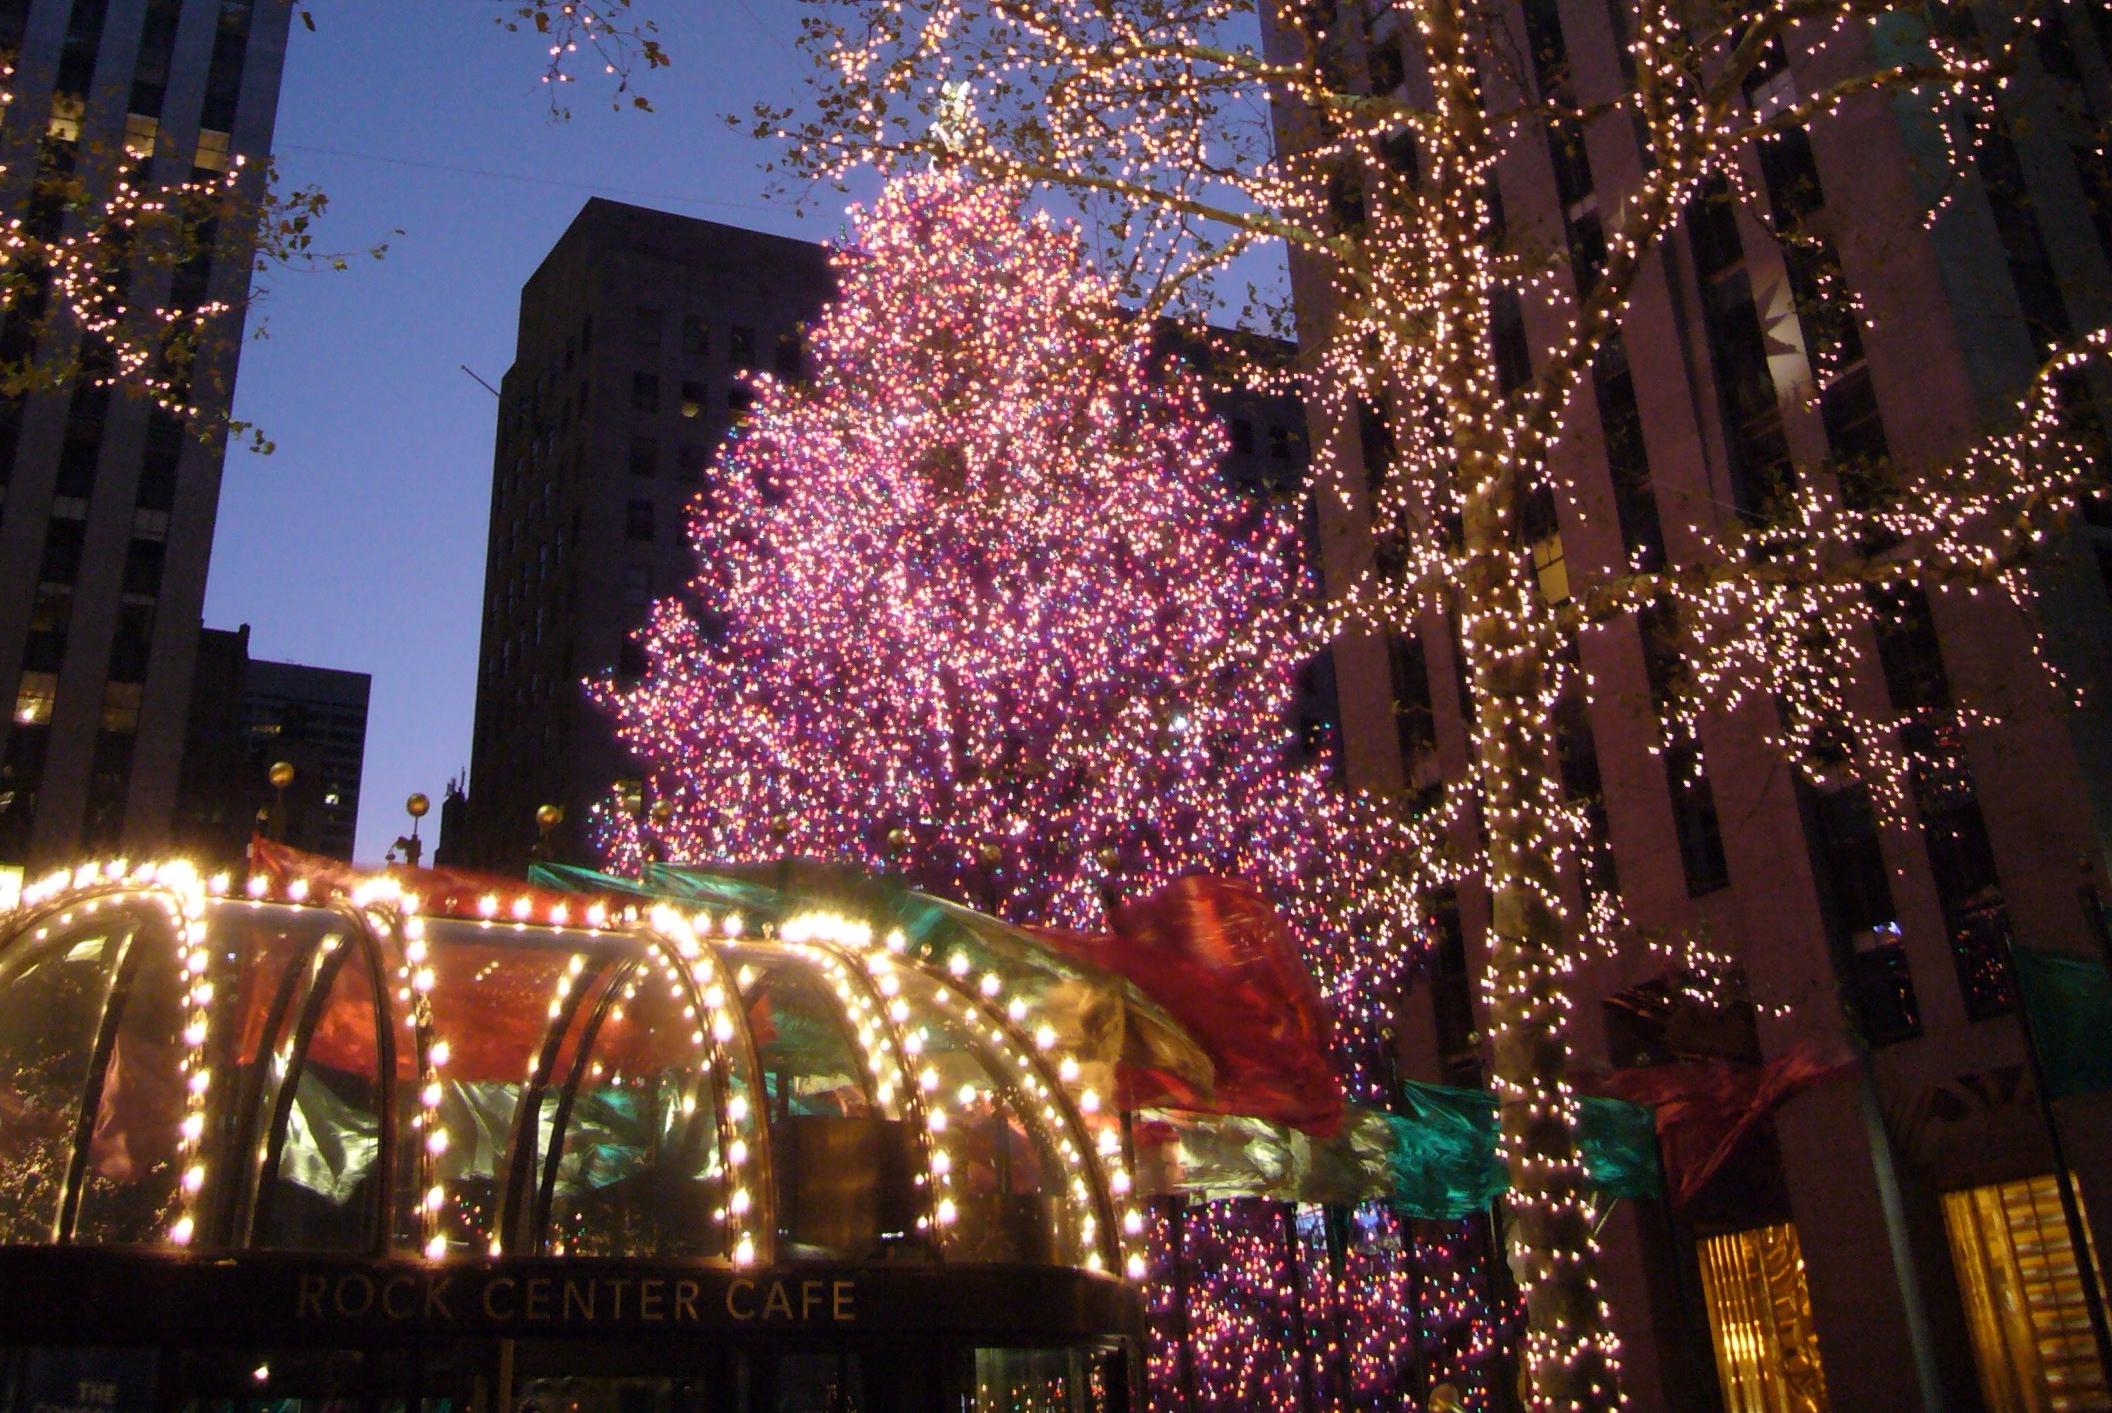 Eventos en Nueva York en diciembre: Fechas señaladas